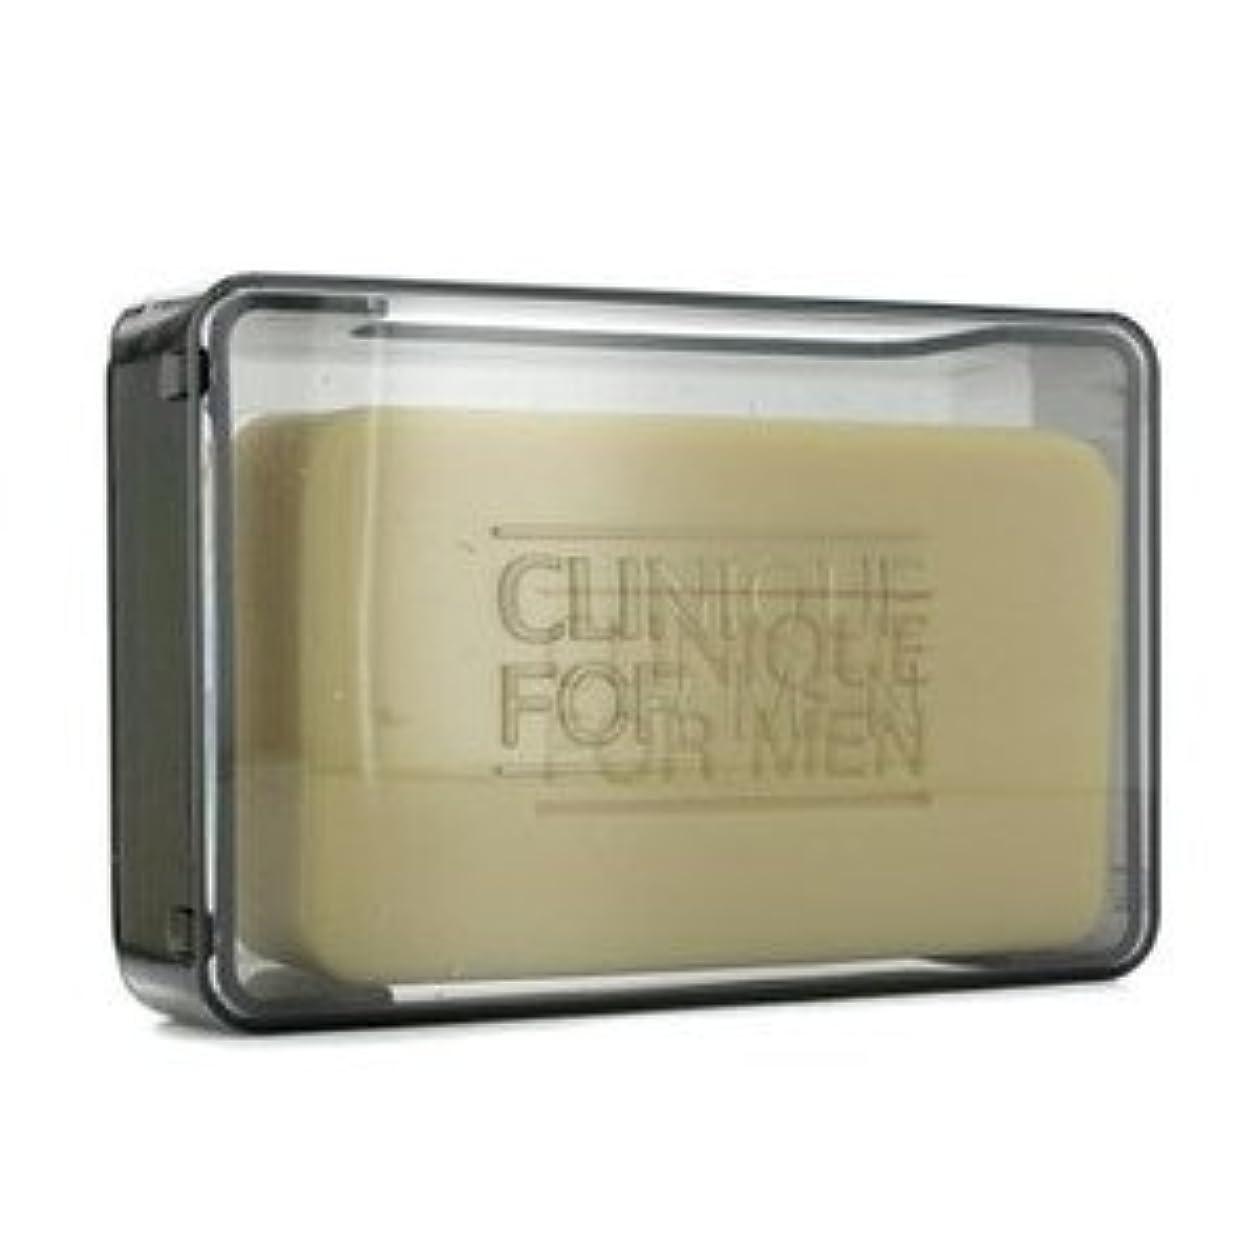 開発するホース層CLINIQUE(クリニーク) フェイス ソープ ウィズ ディッシュ 150g/5.2oz [並行輸入品]